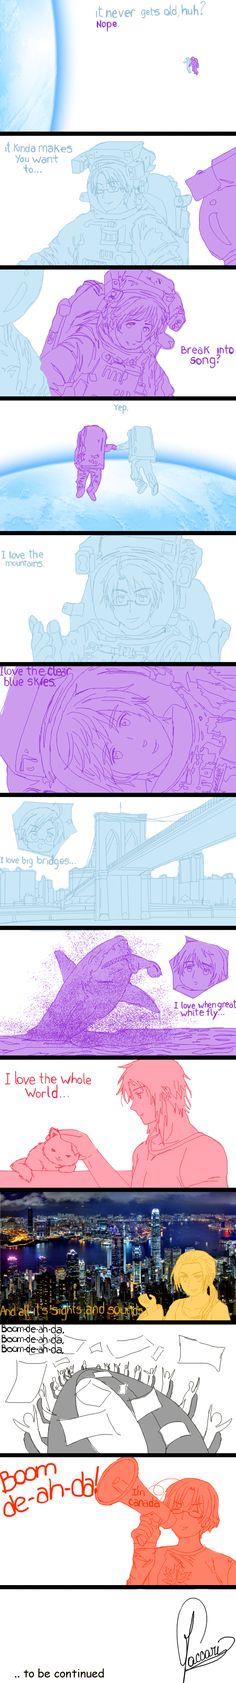 APH - BOOM DE-AH-DA - Part 1/3 by Silbido.deviantart.com on @deviantART